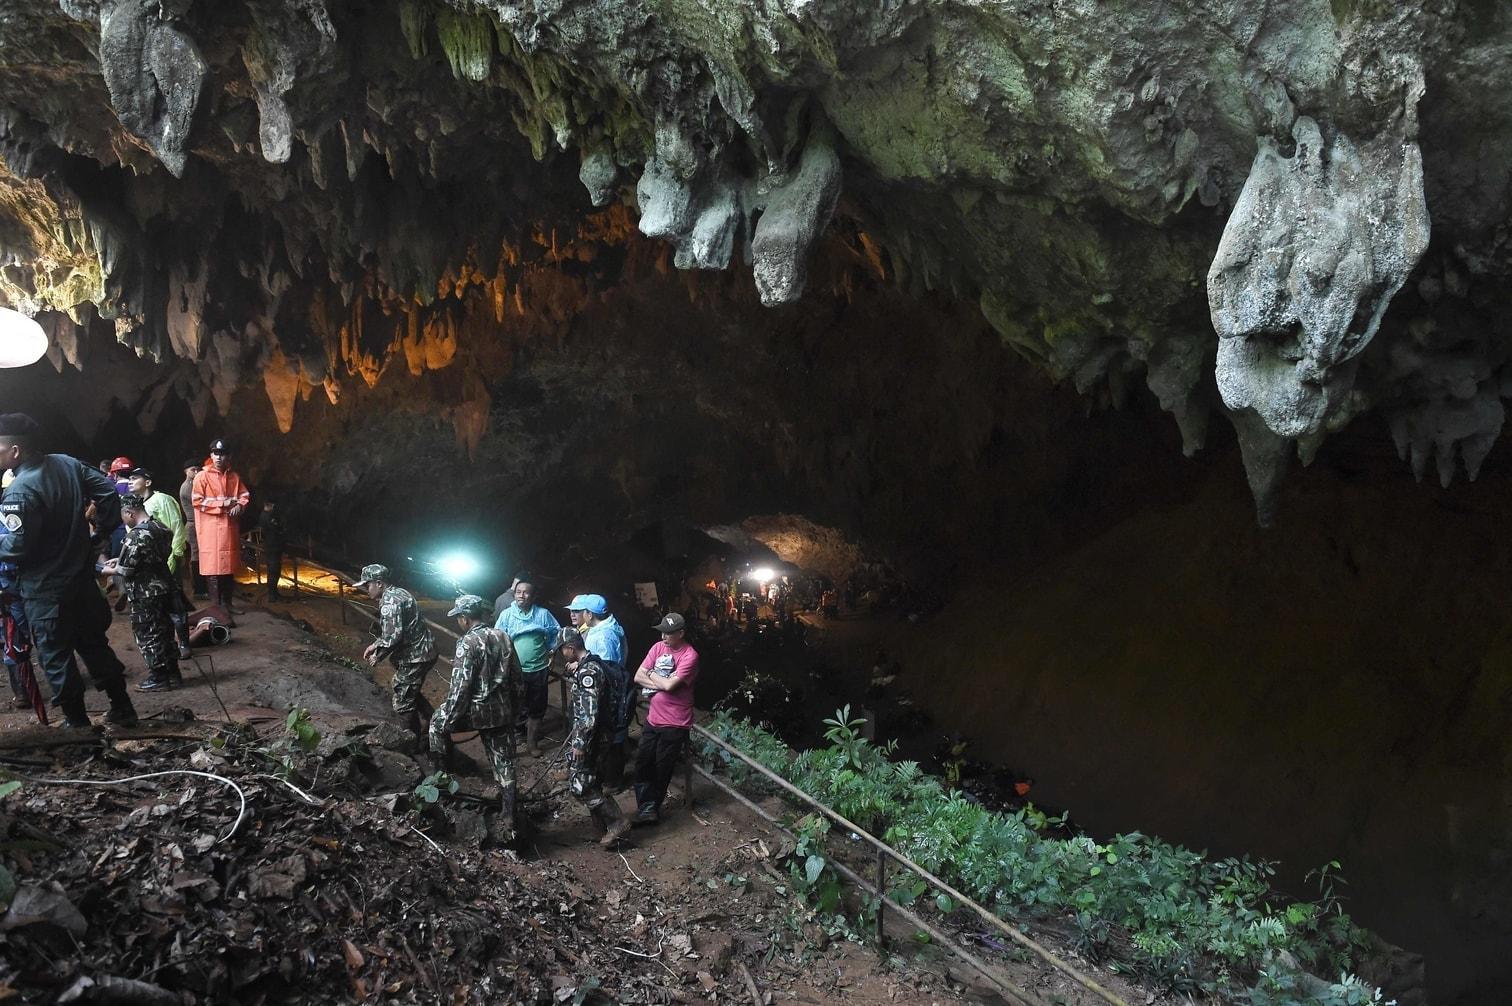 die seit Samstag in der teilweise überfluteten Höhle vermutet werden.